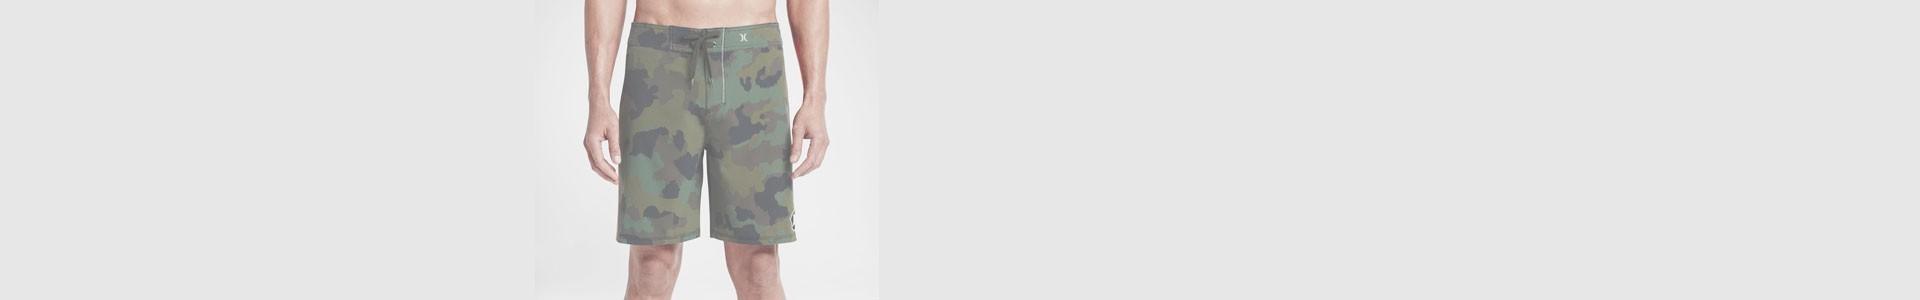 Bademoden für Männer online | Jetzt bei AnyGivenSunday.Shop